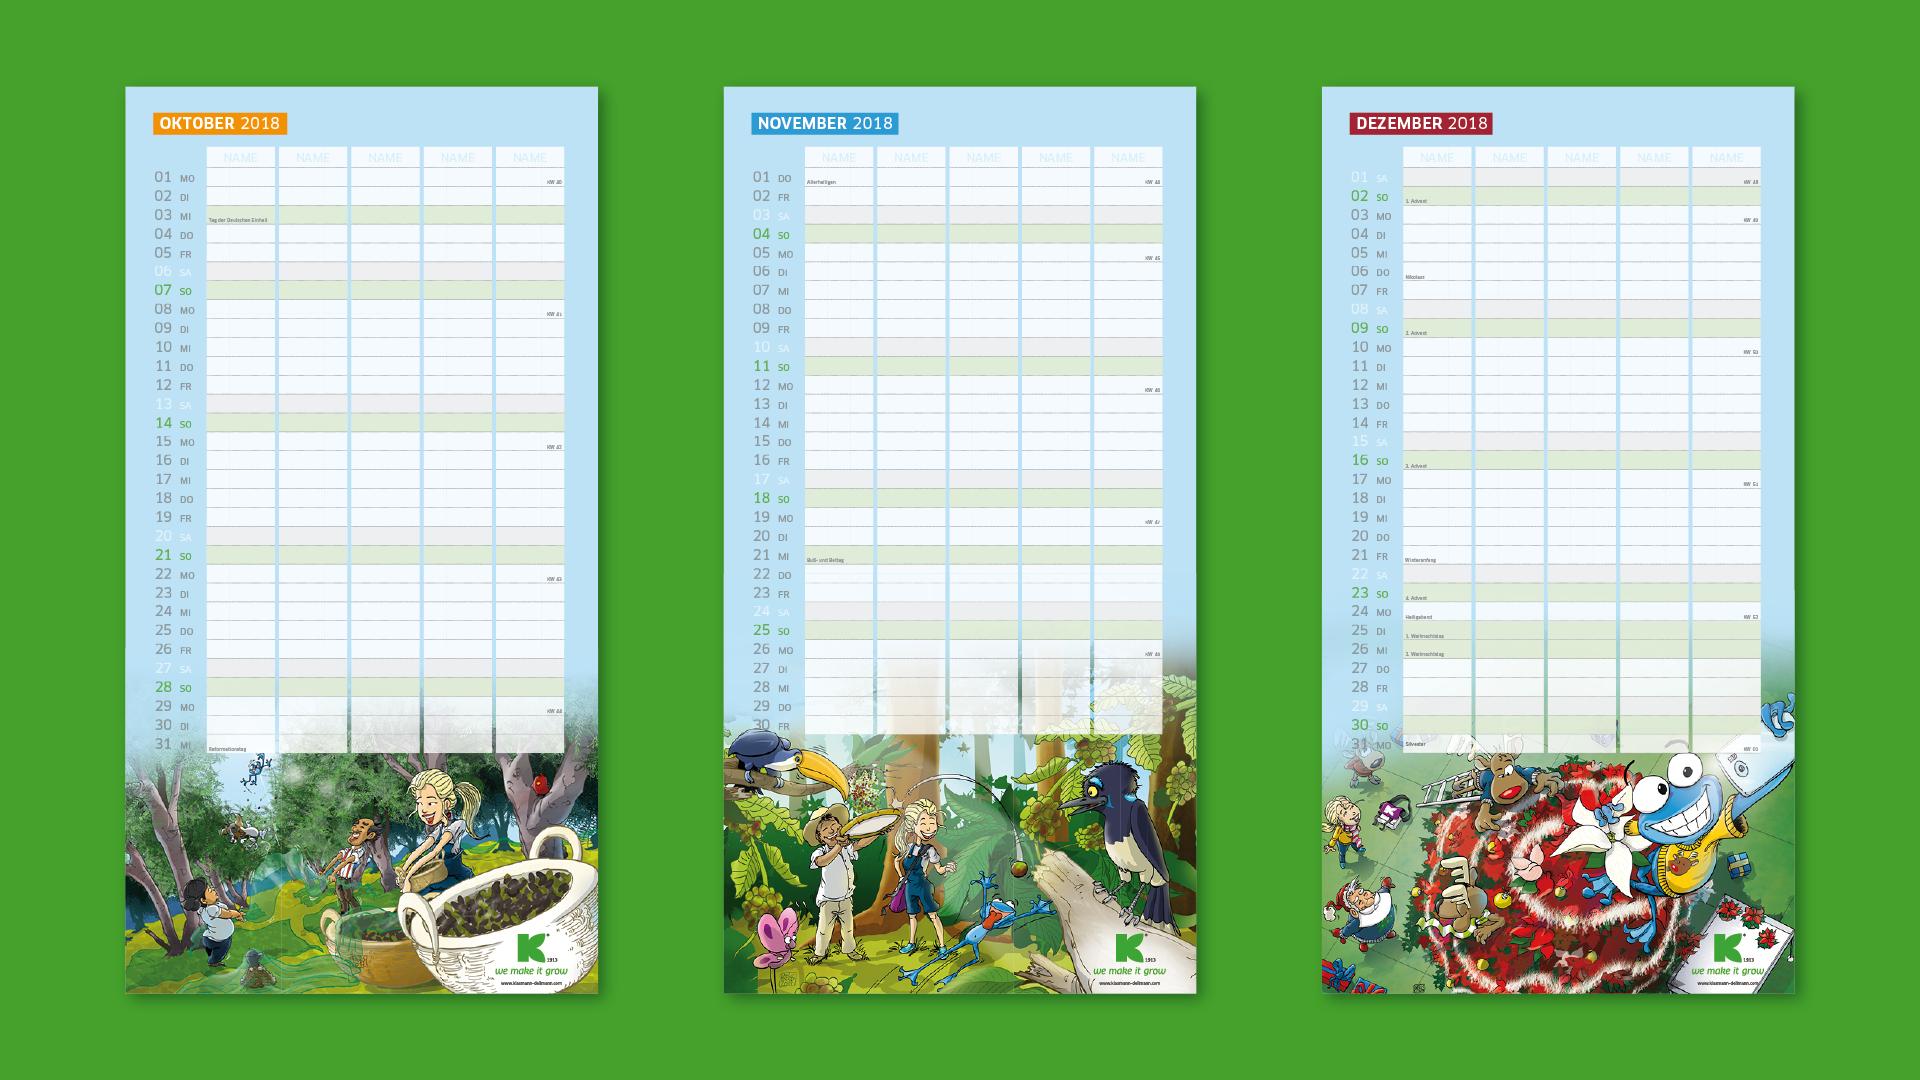 KD Familienplaner Praes Aufb v014 1 - Ein Kalender geht um die Welt – Corporate Design, Grafikdesign, Kommunikationsdesign, Branding, Markenentwicklung, Illustration